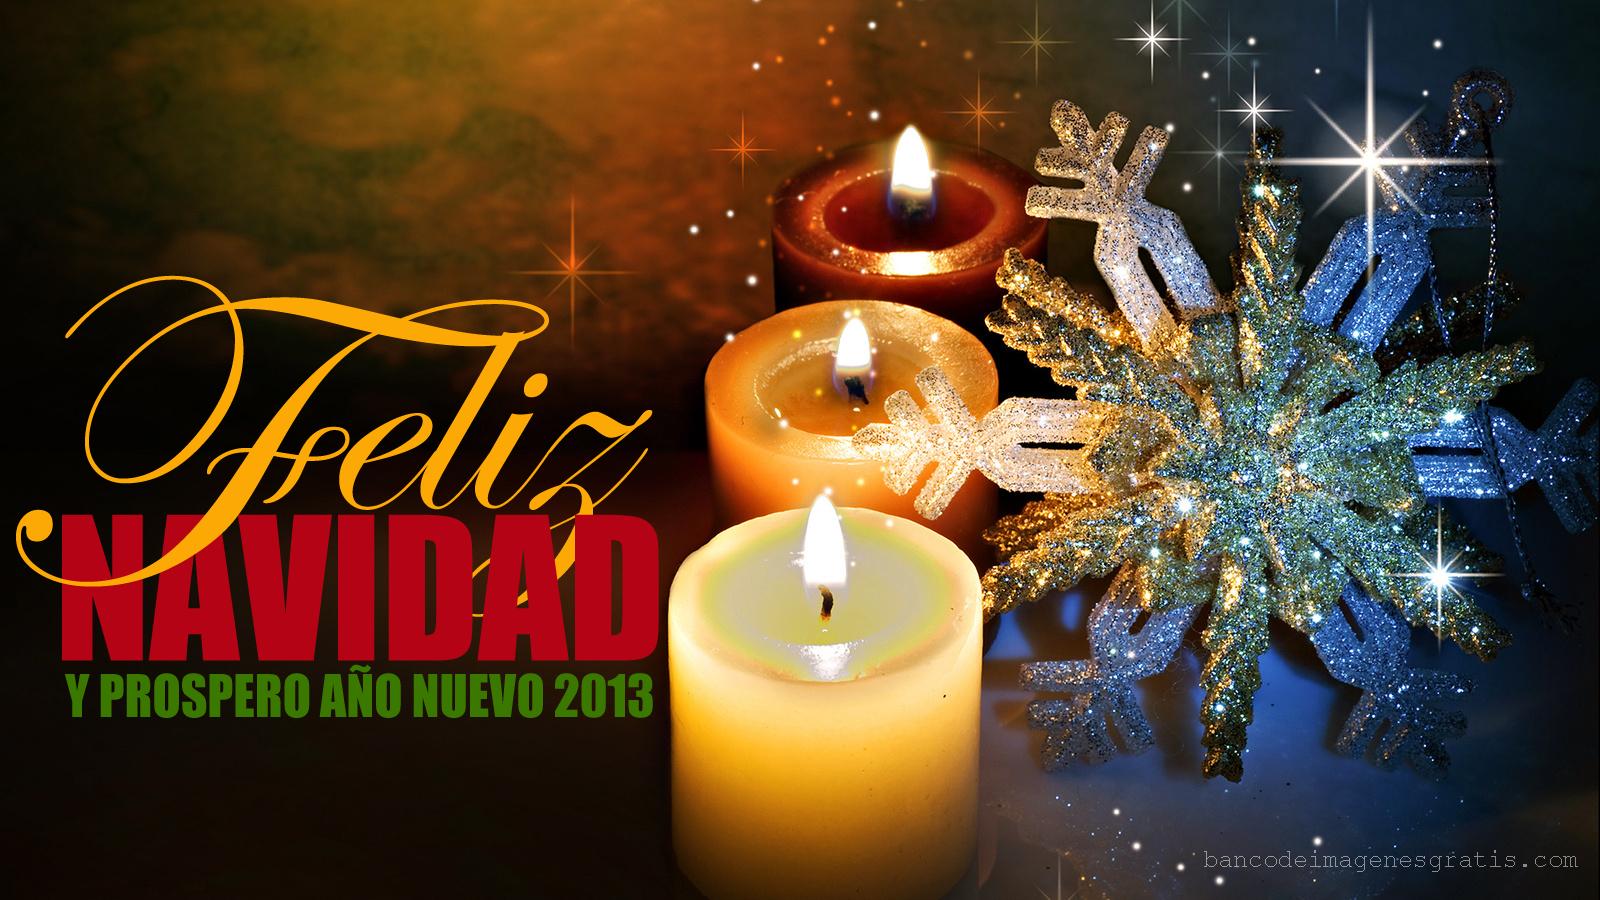 """... mensaje """"Feliz Navidad y Próspero Año Nuevo 2013″ para compartir"""